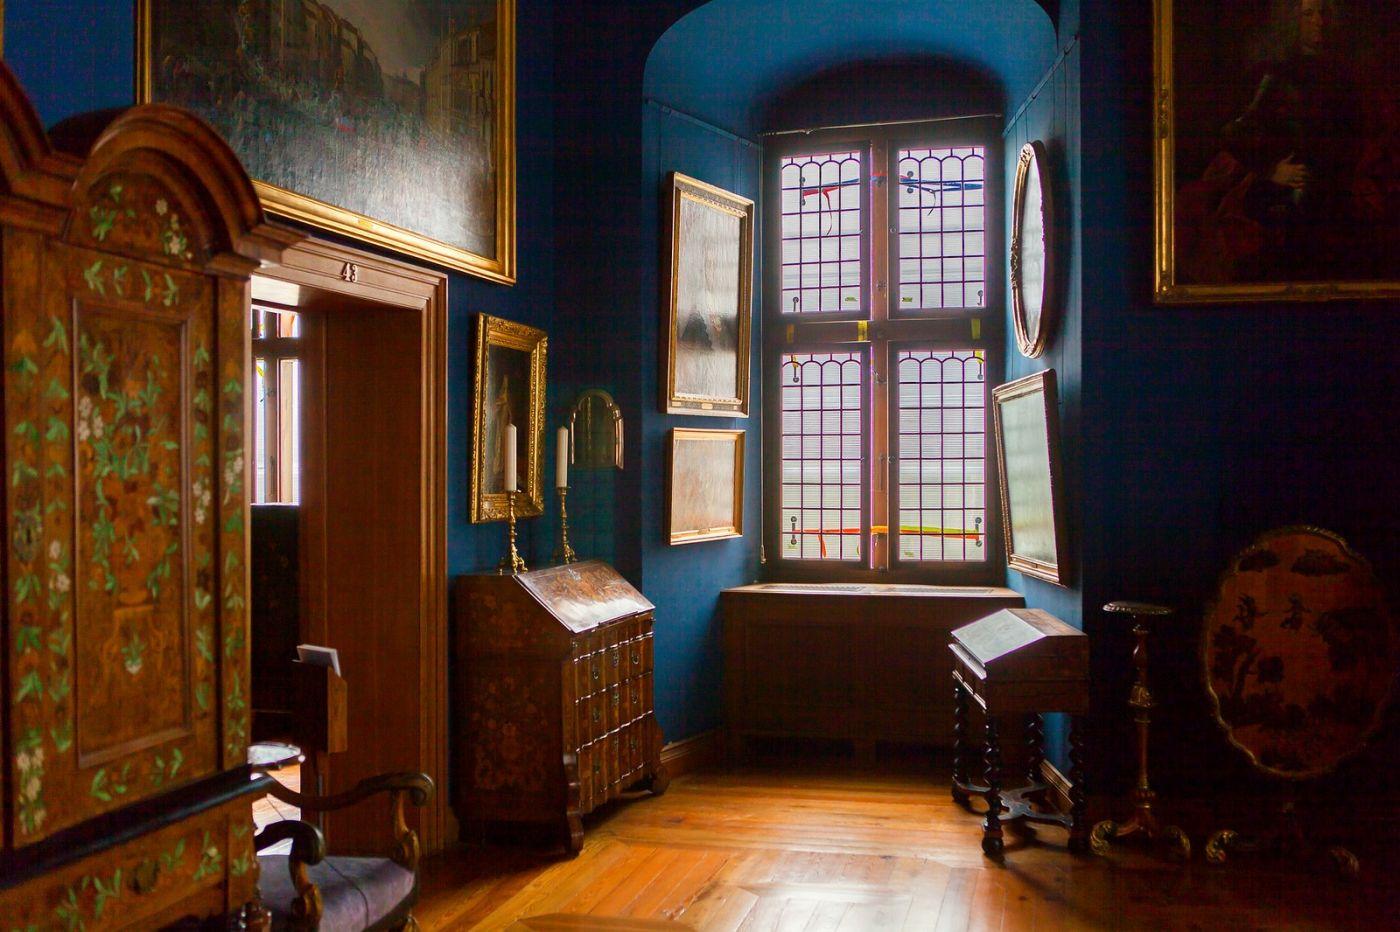 丹麦腓特烈堡城堡,金碧辉煌的大厅_图1-24